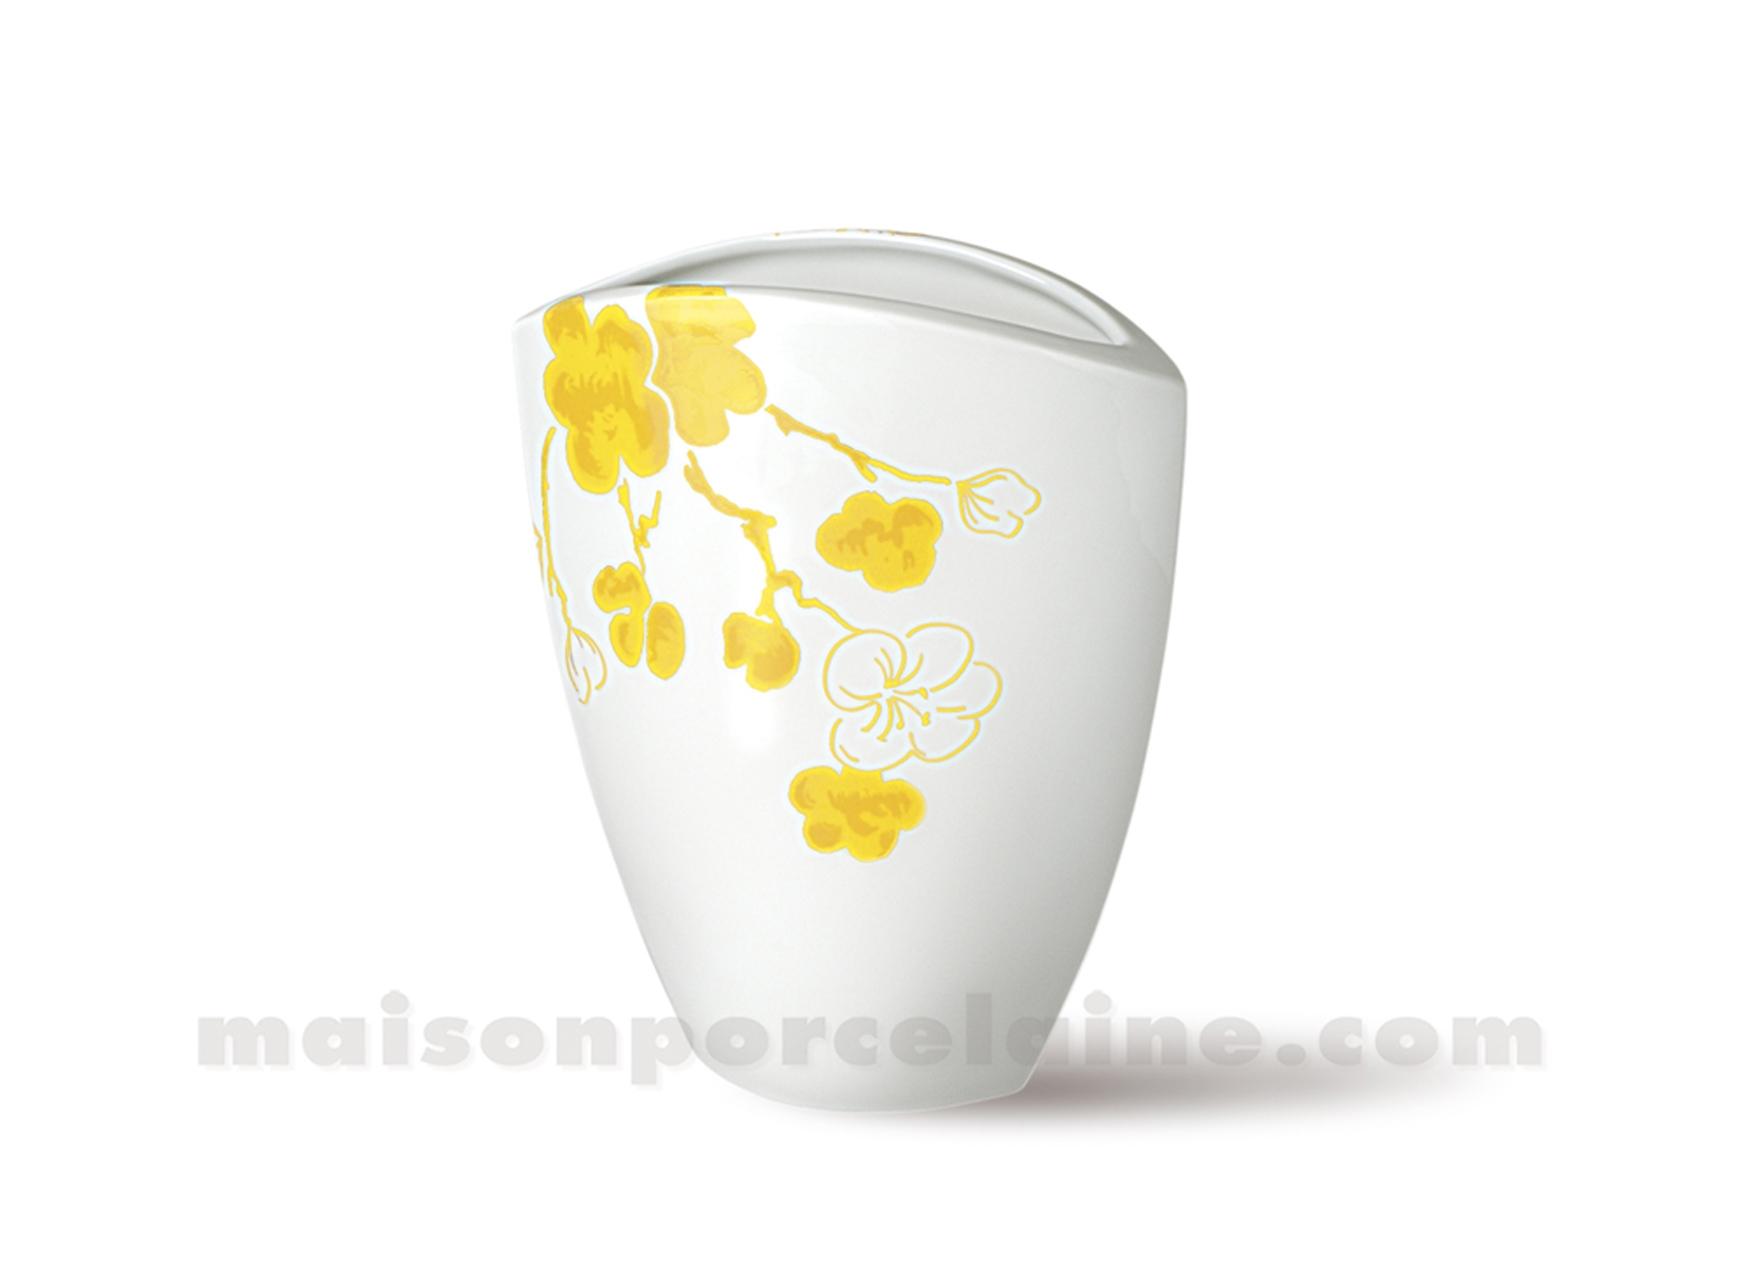 Vase limoges manathan 17x14 maison de la porcelaine for Ma maison limoges